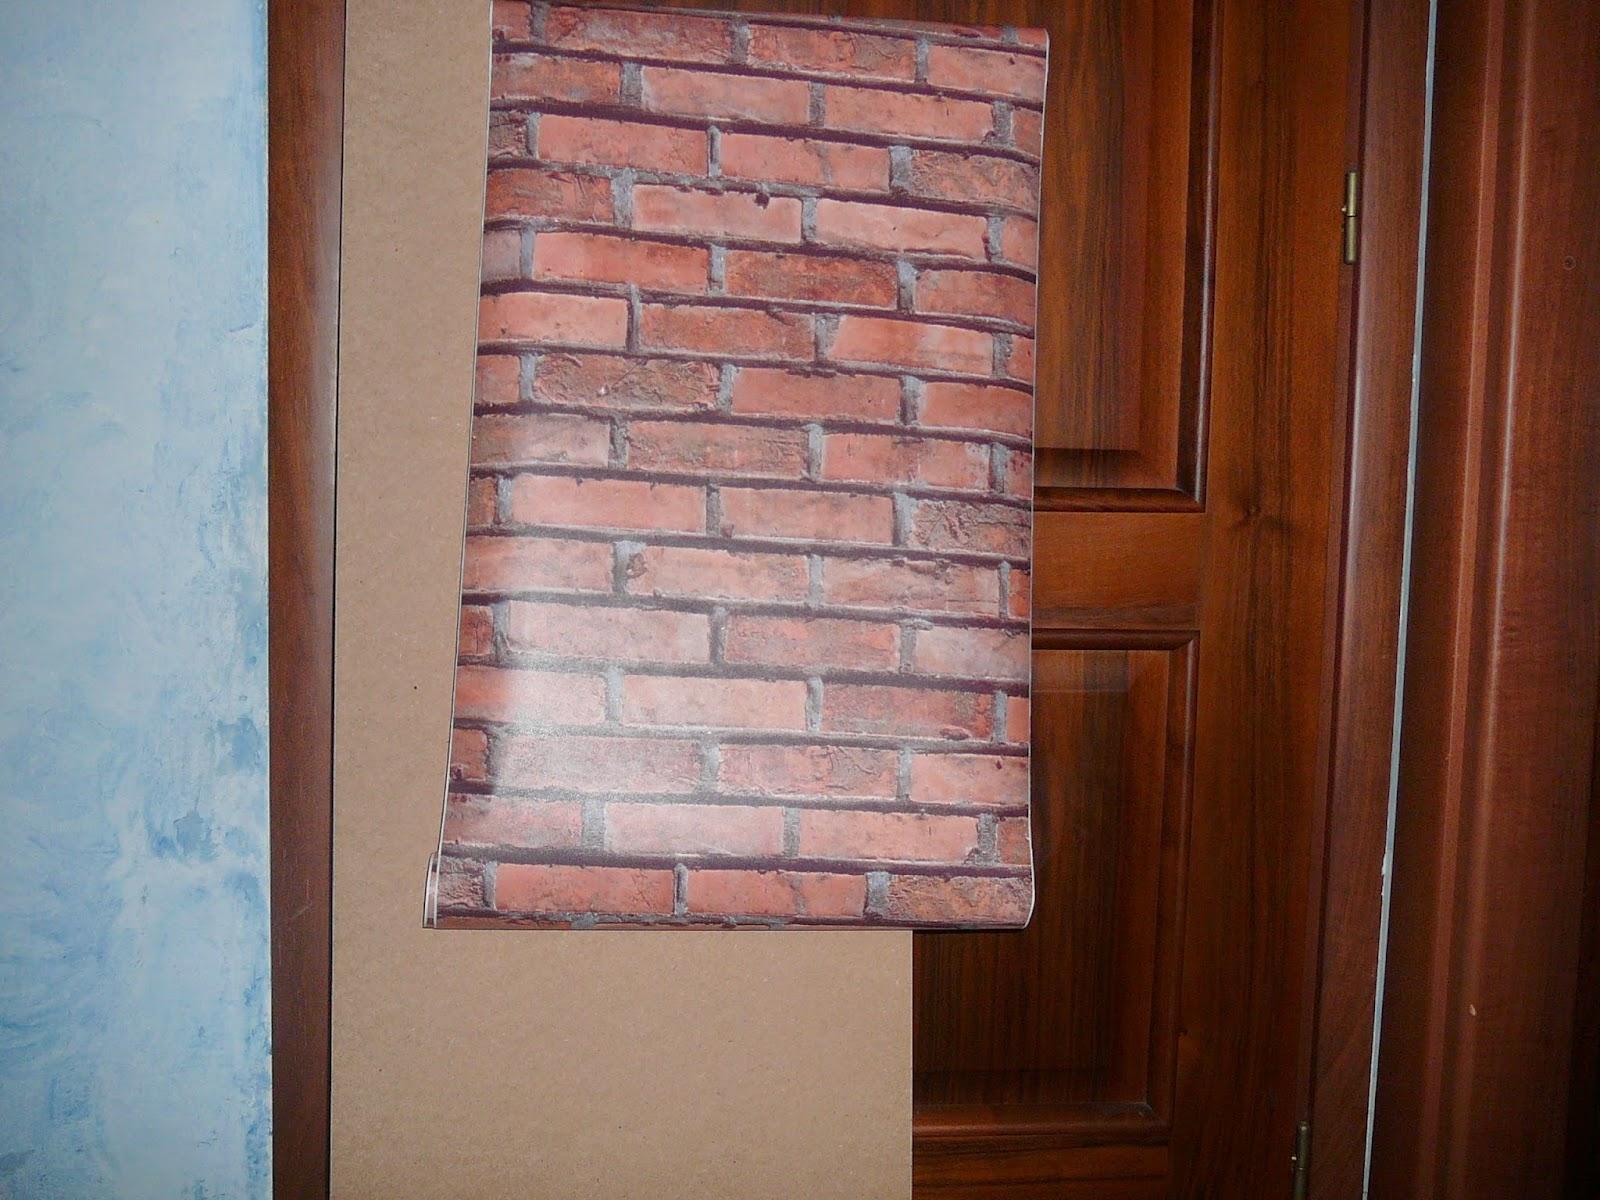 La soffitta di isotta il finto pilastro in mattoni for Carta muro lavabile adesiva